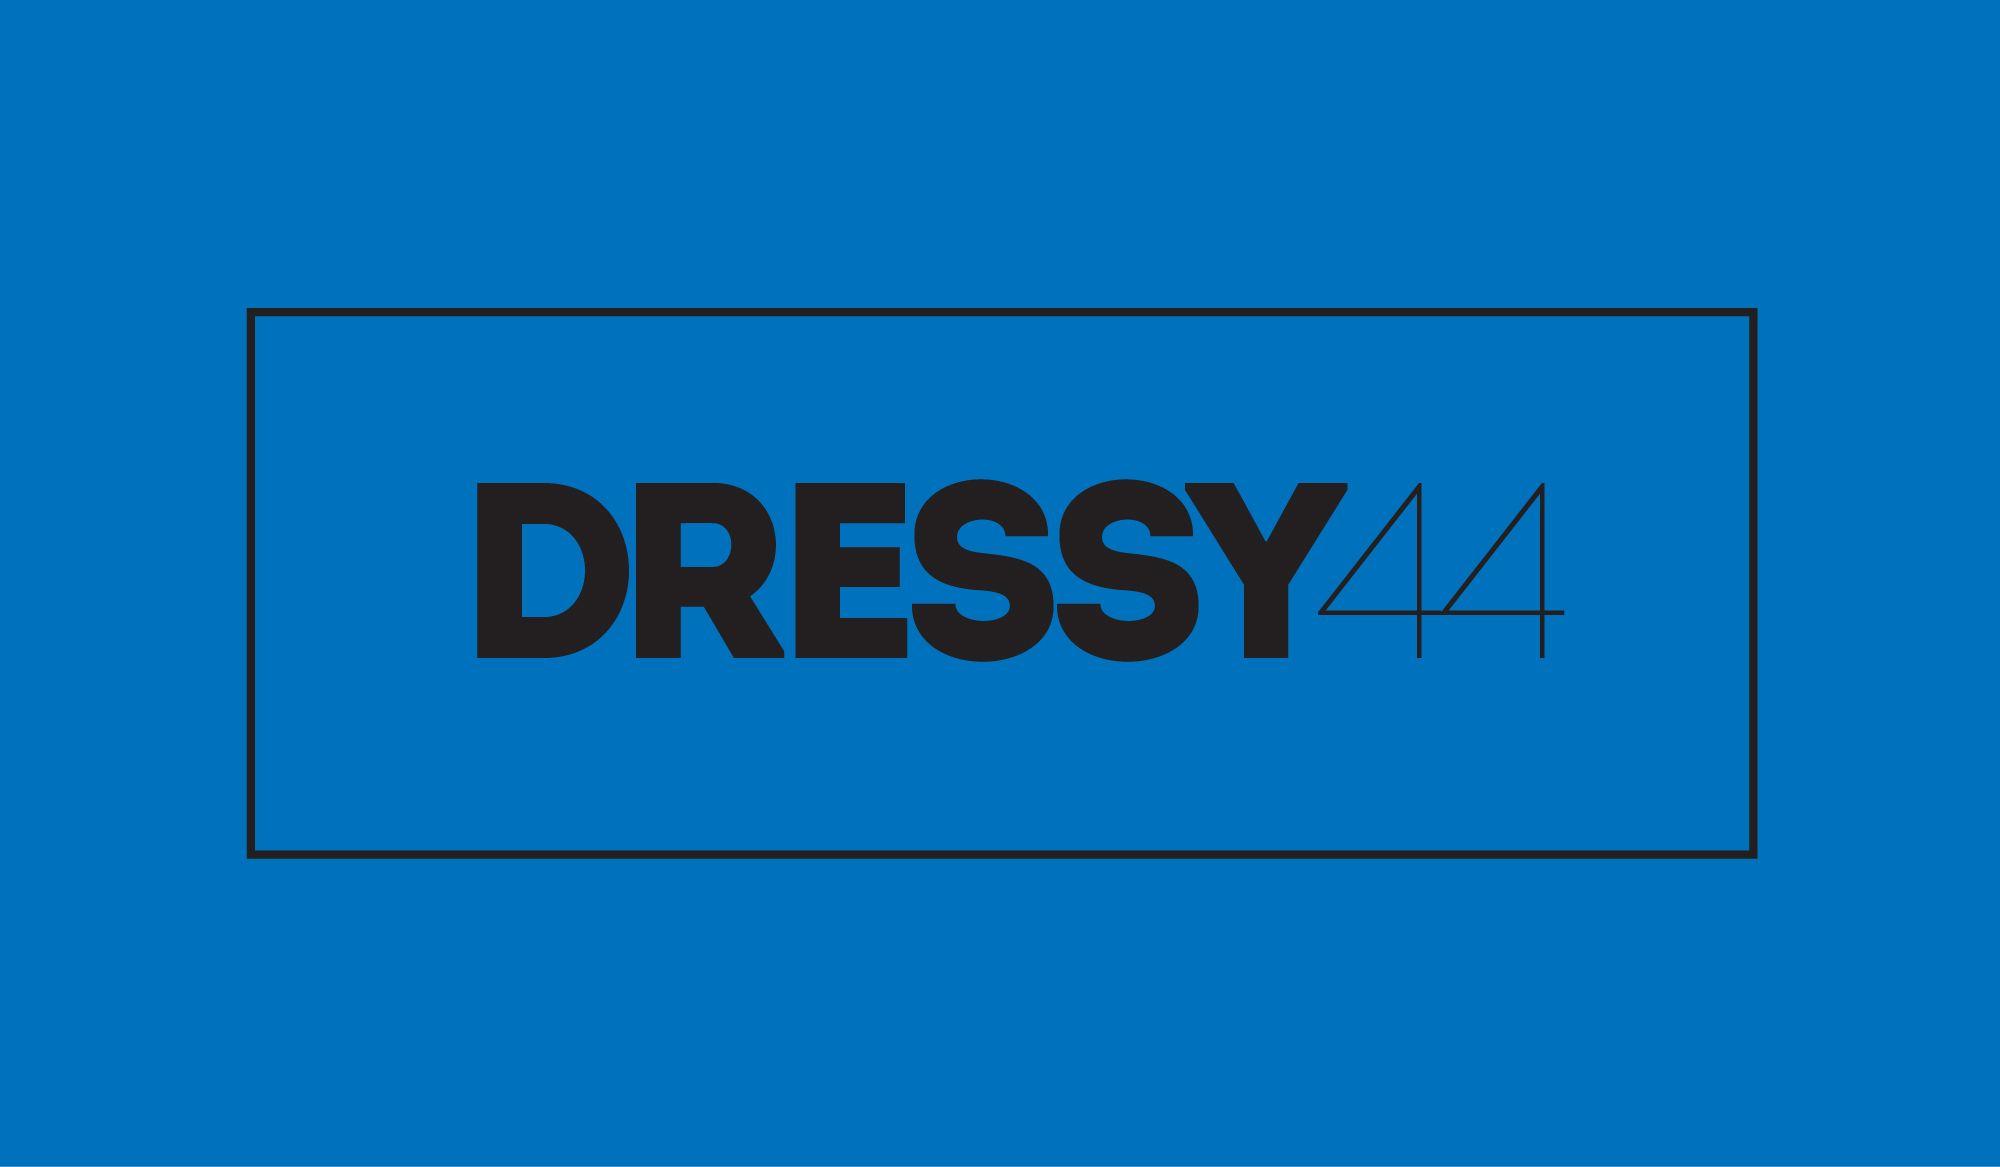 разработка логотипа _производство платьев - дизайнер platon_karataev